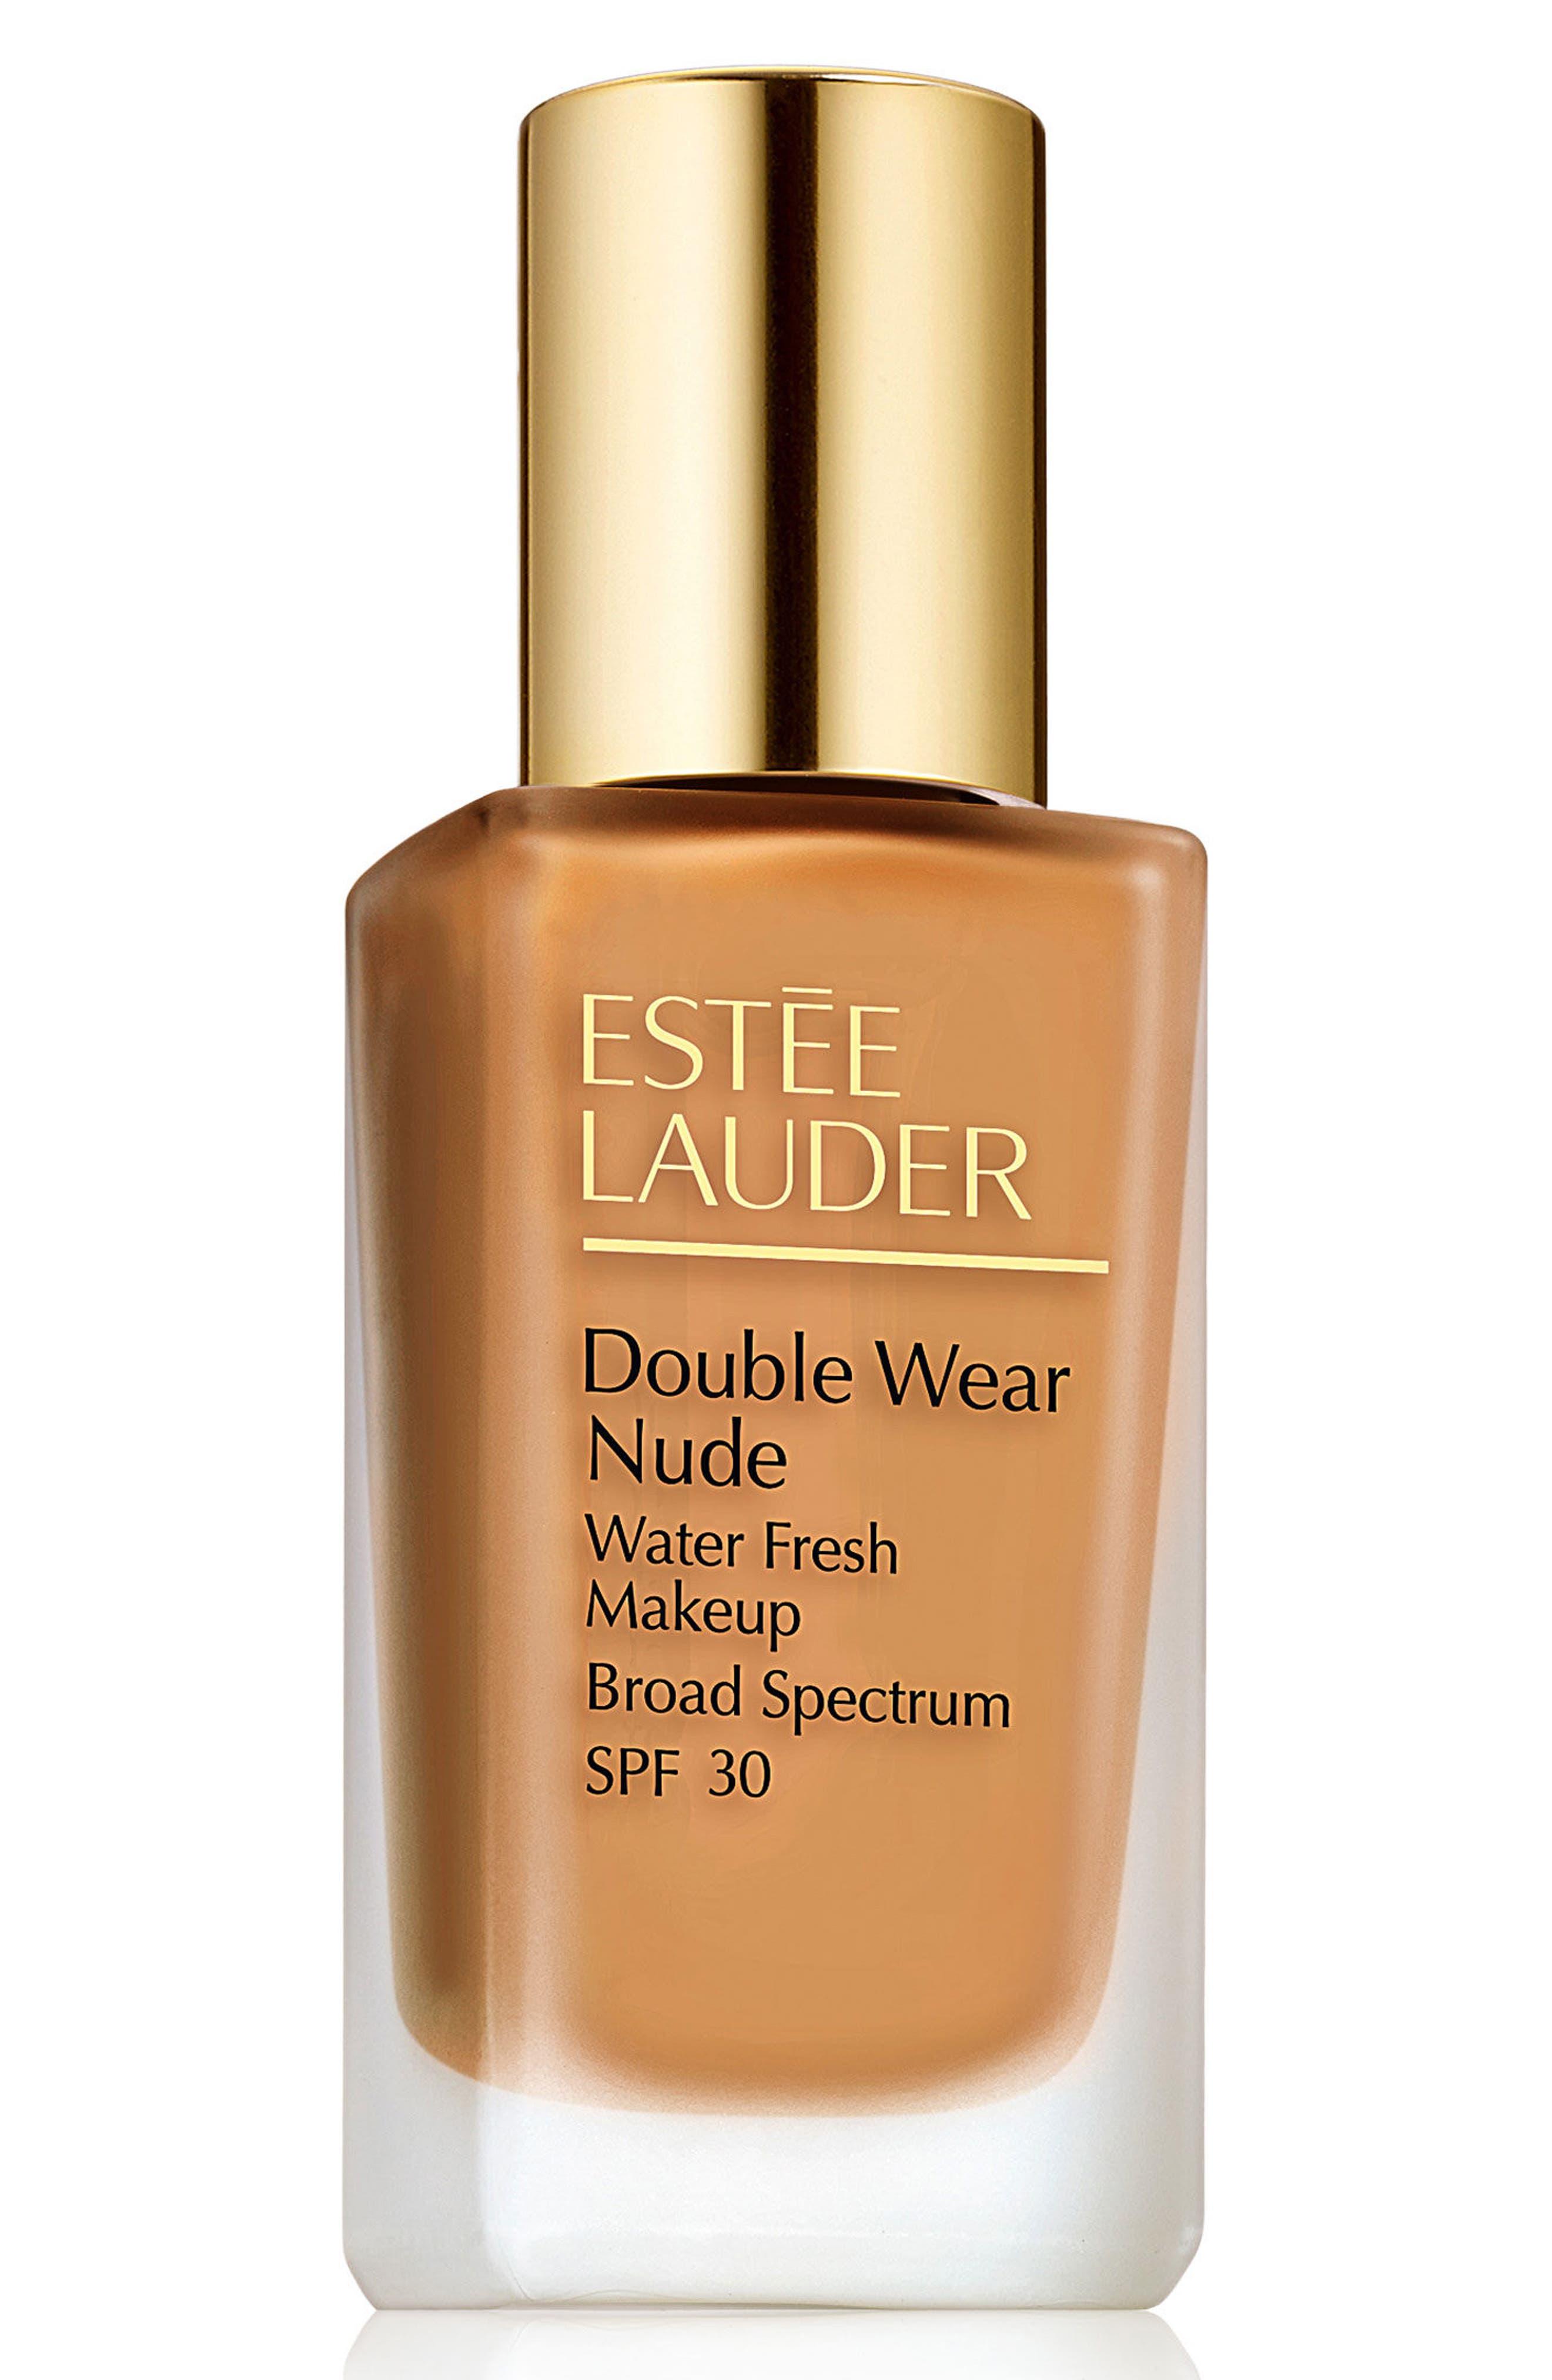 Estee Lauder Double Wear Nude Water Fresh Makeup Broad Spectrum Spf 30 - 5W1 Bronze